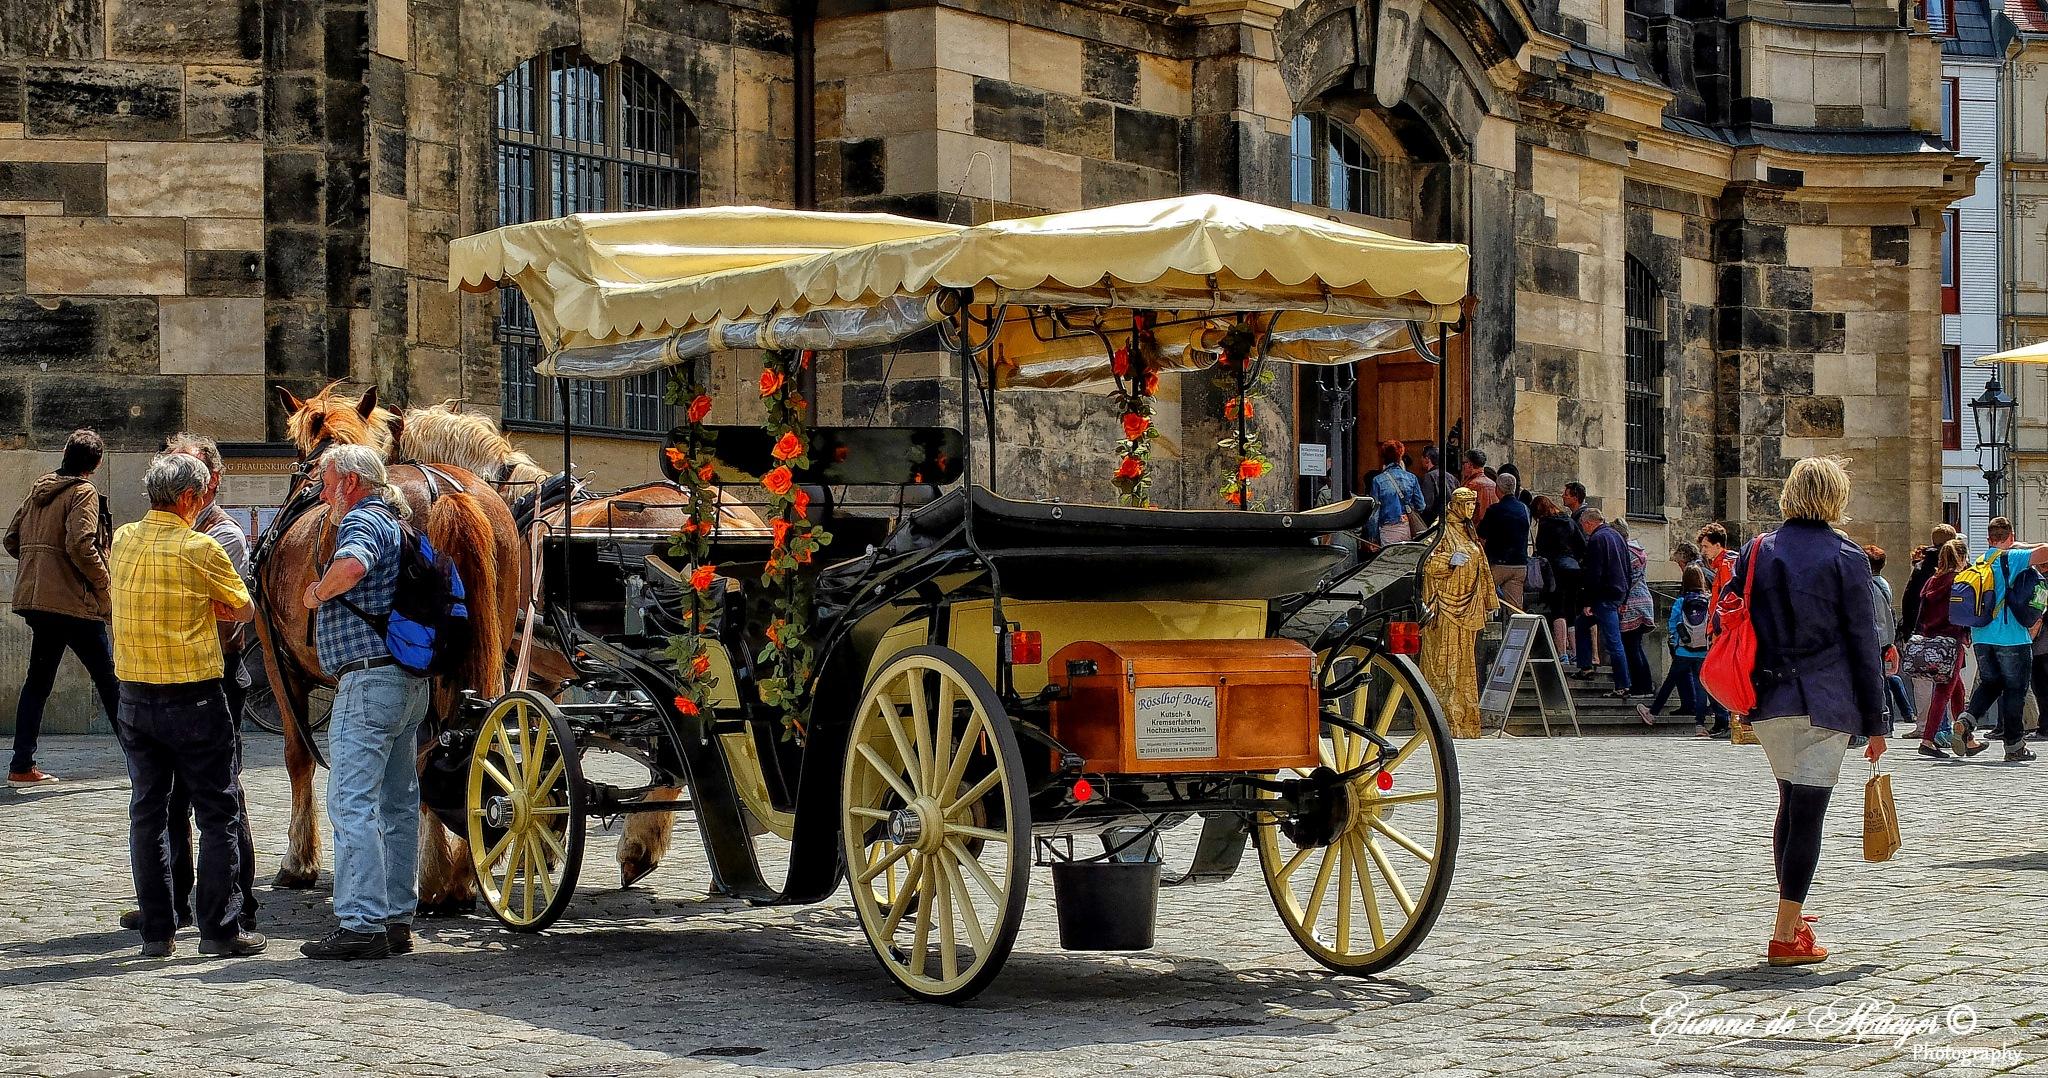 Dresden by Etienne de Maeyer